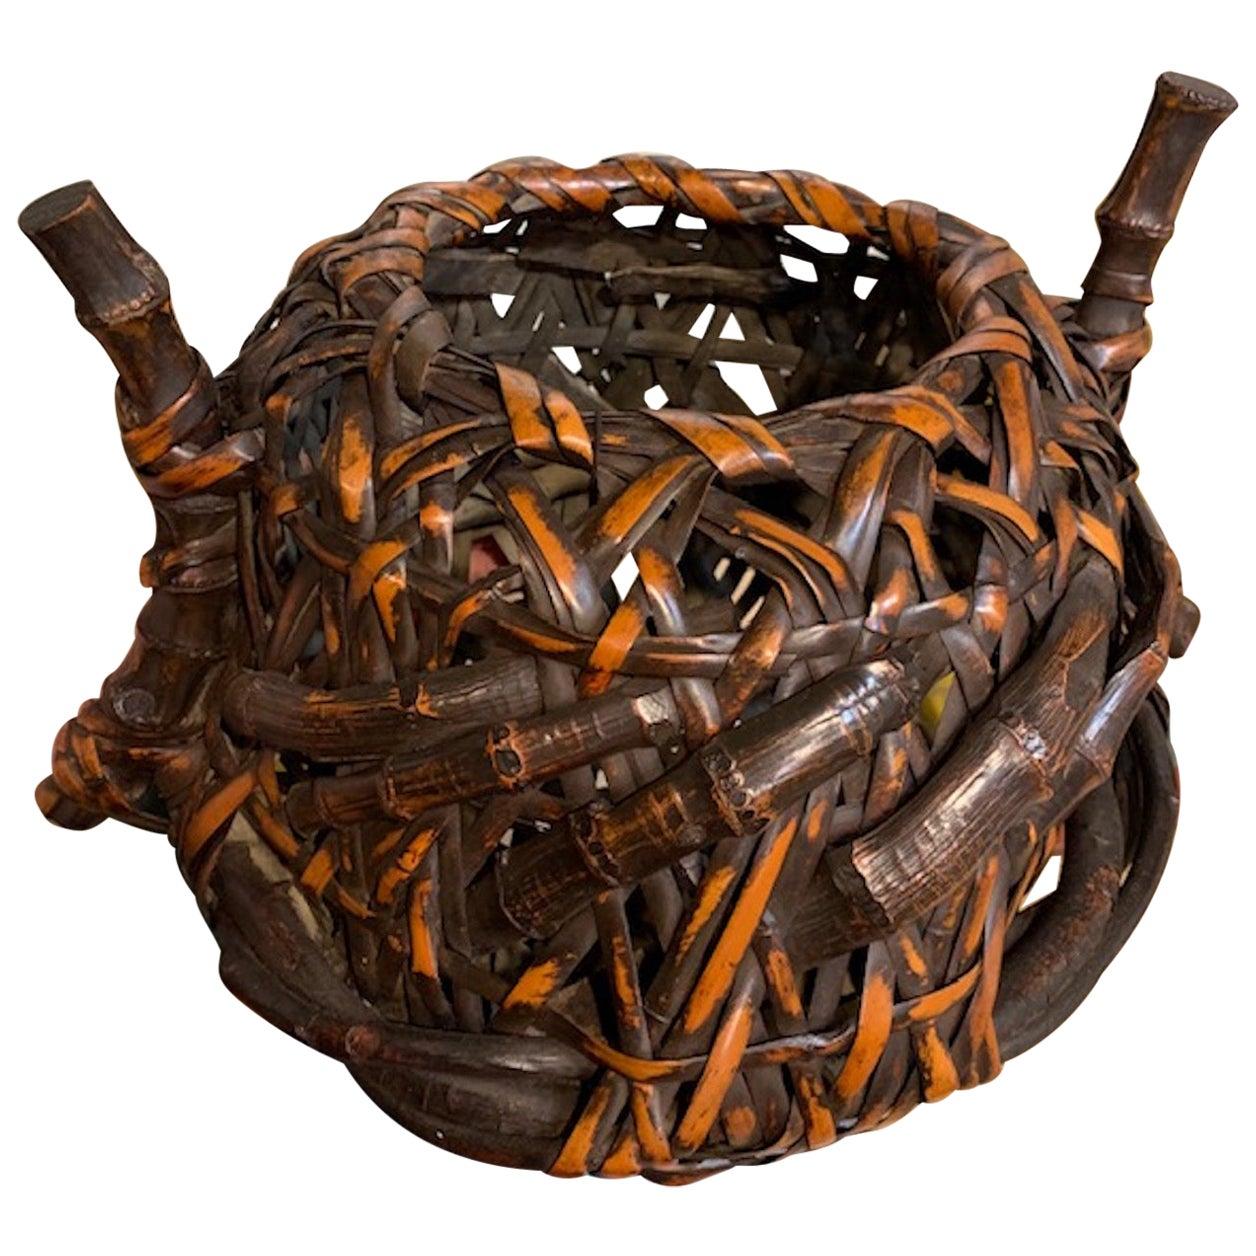 19th Century Japanese Kago, 'Ikebana Display Basket'